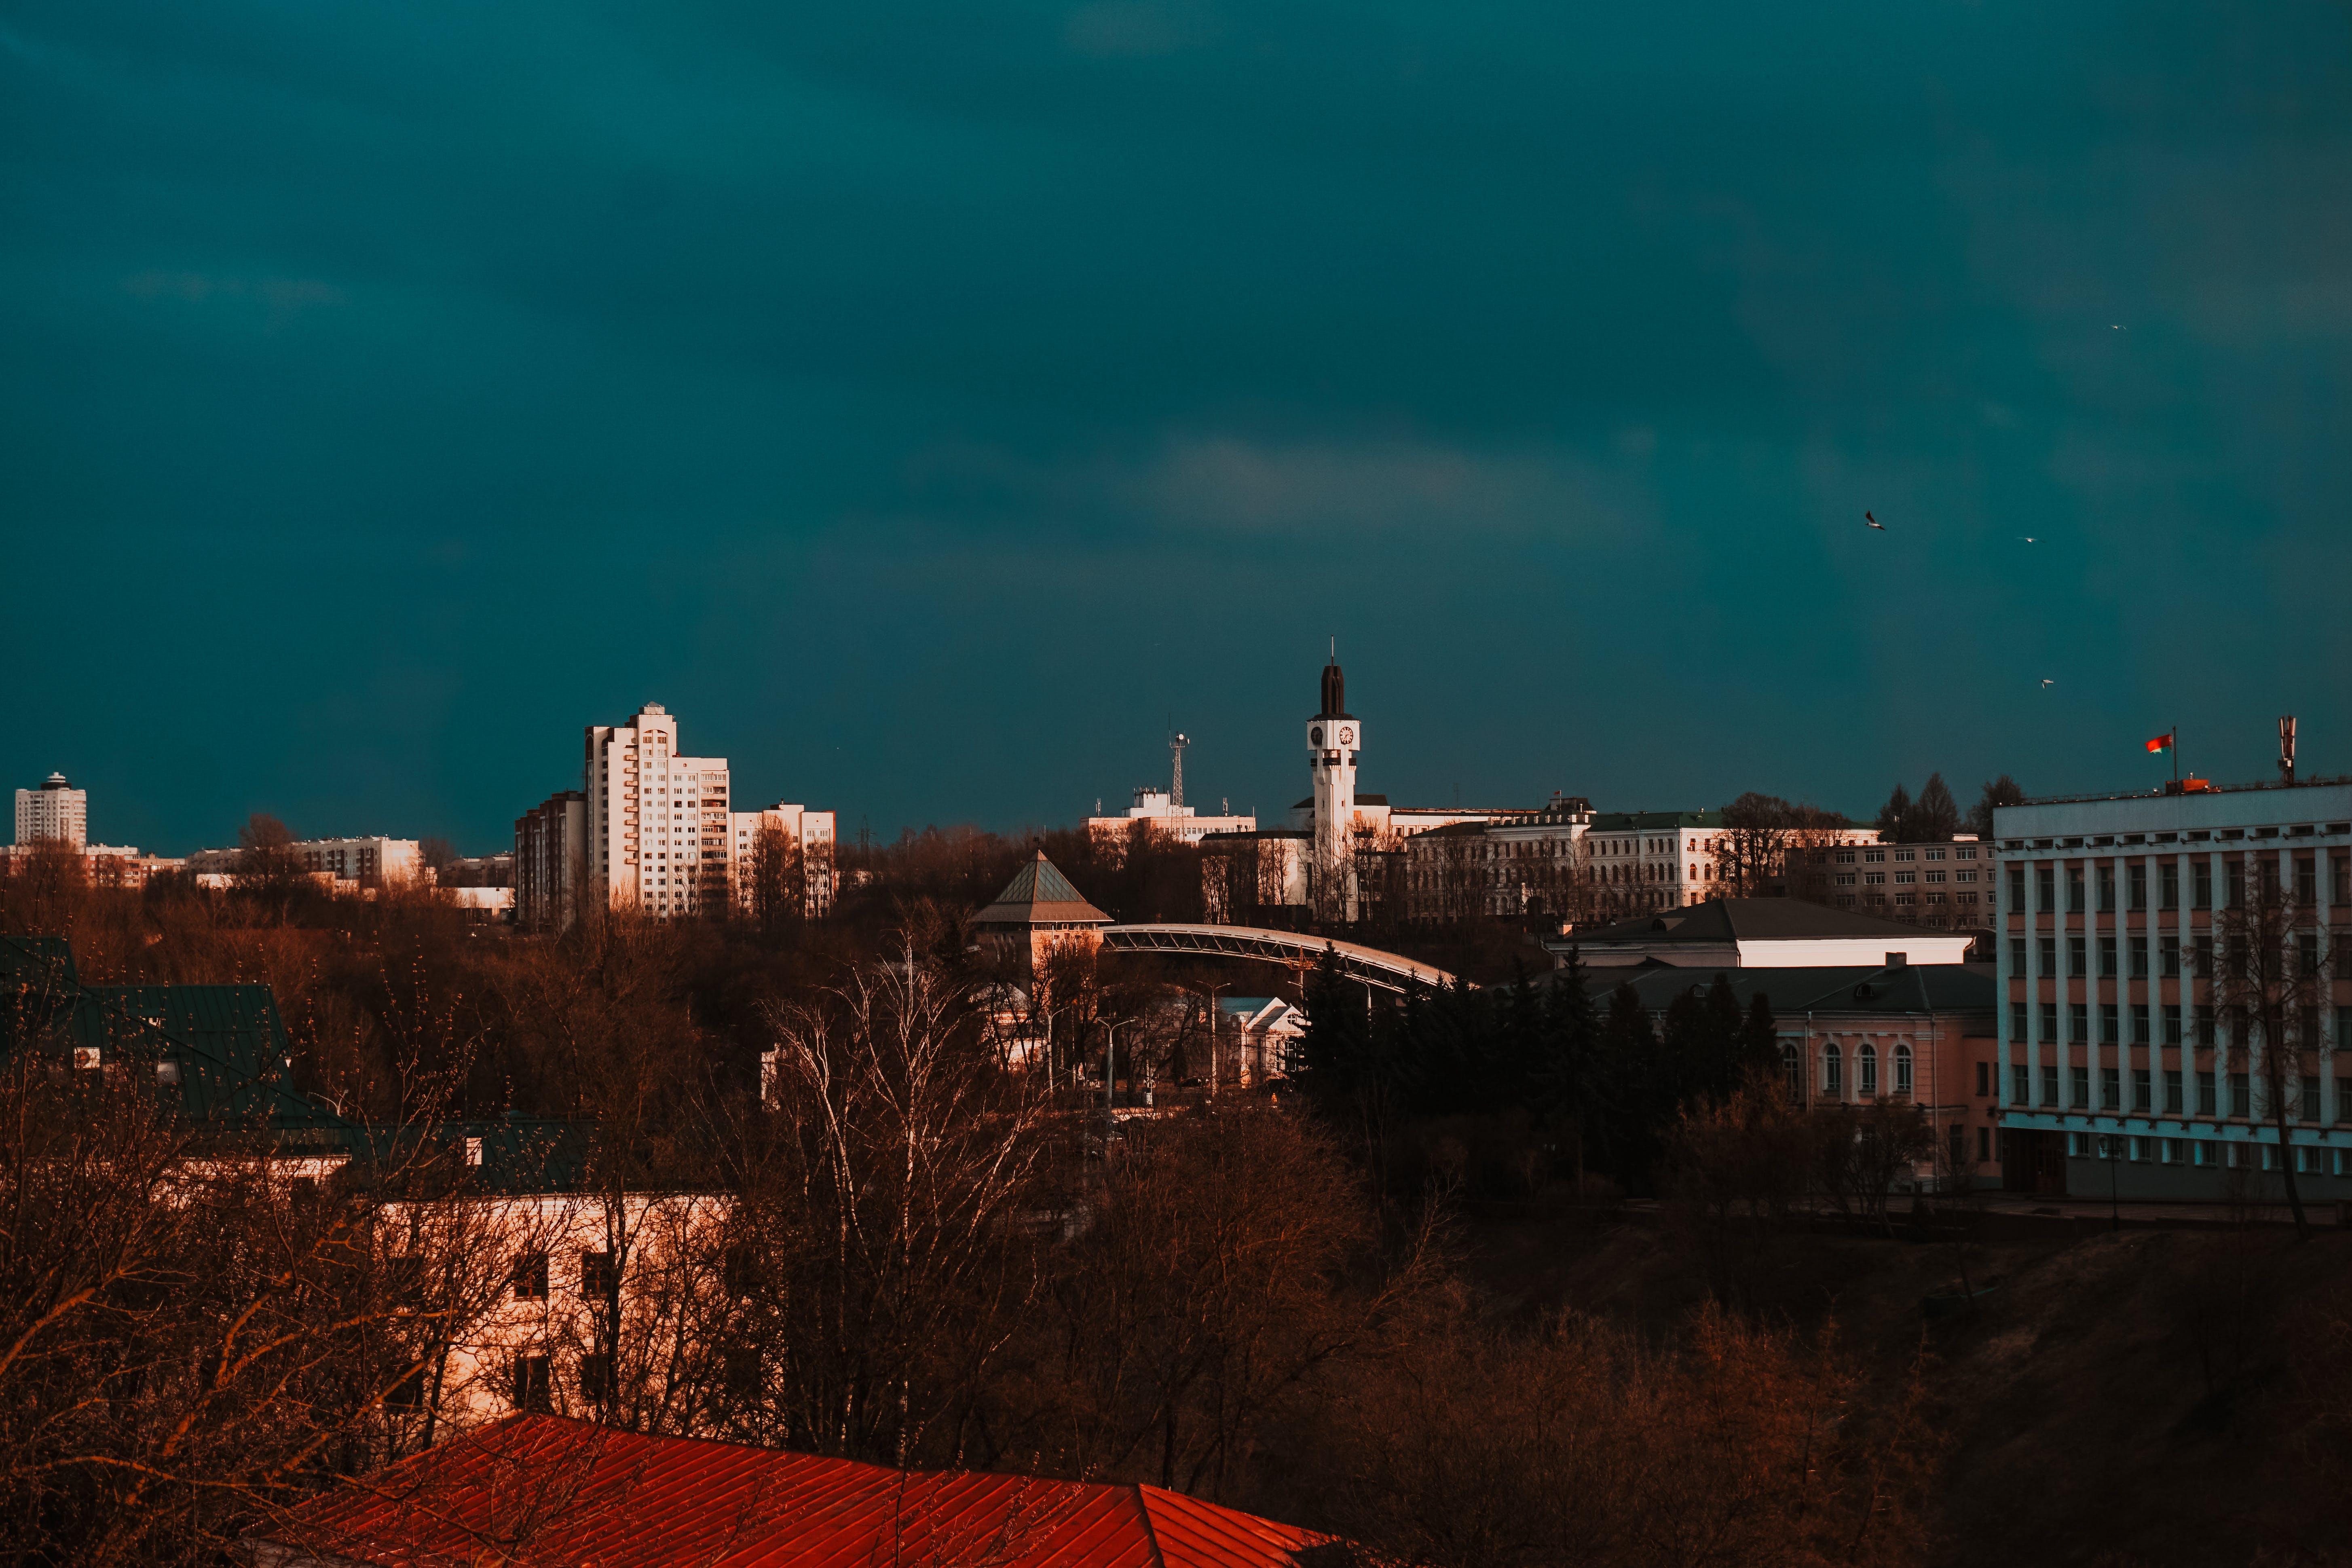 거닐다, 걷기, 공원, 구름의 무료 스톡 사진